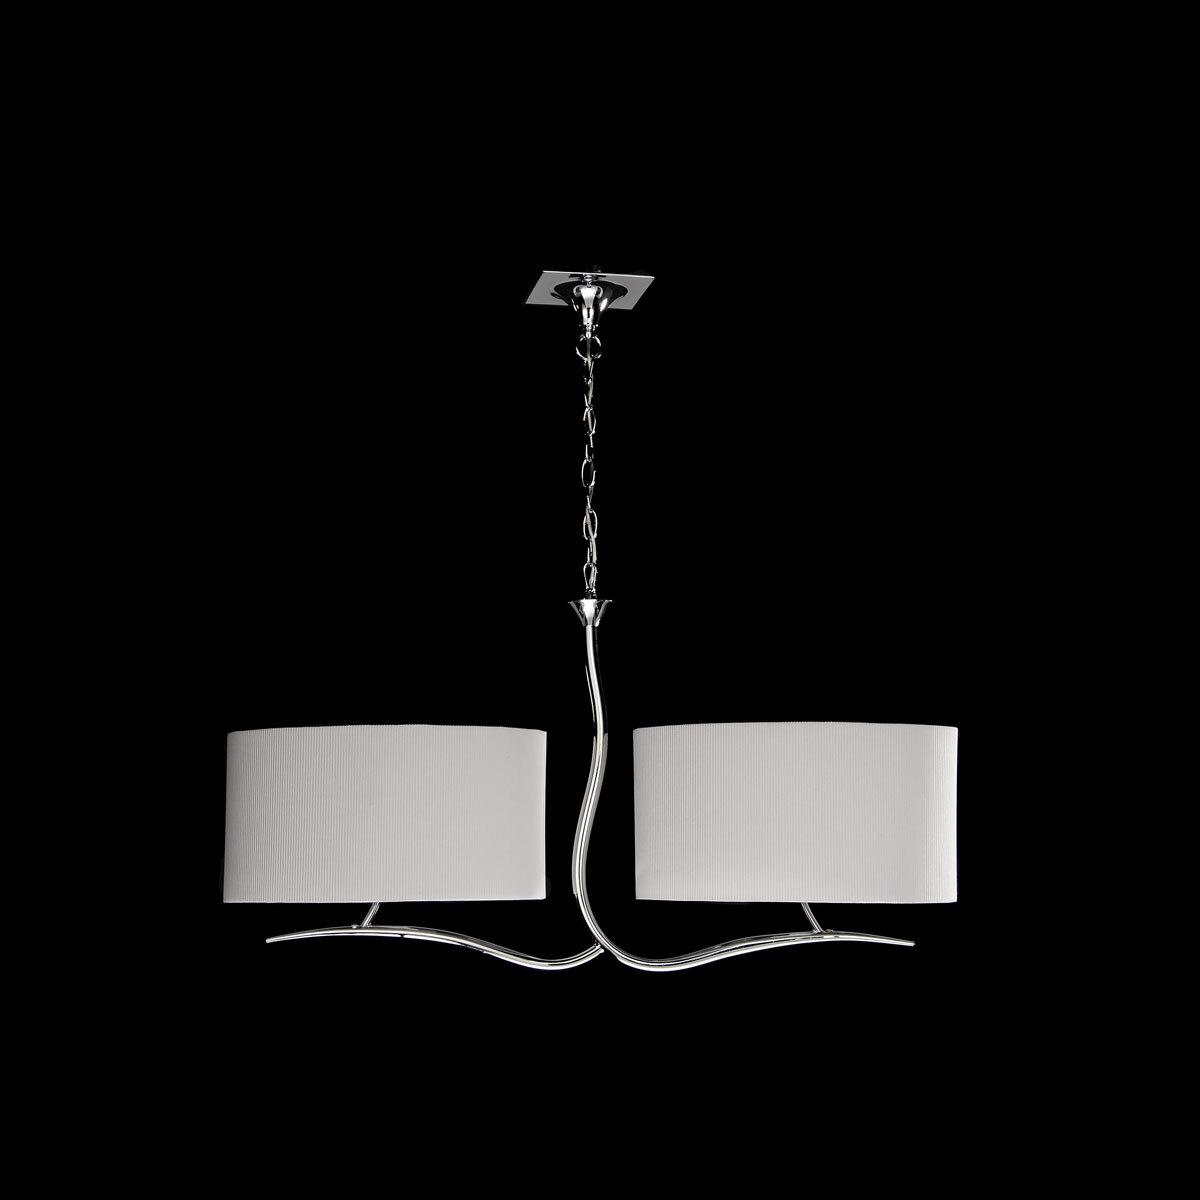 Подвесной светильник Mantra 1130-Mantra, E27, 80 Вт